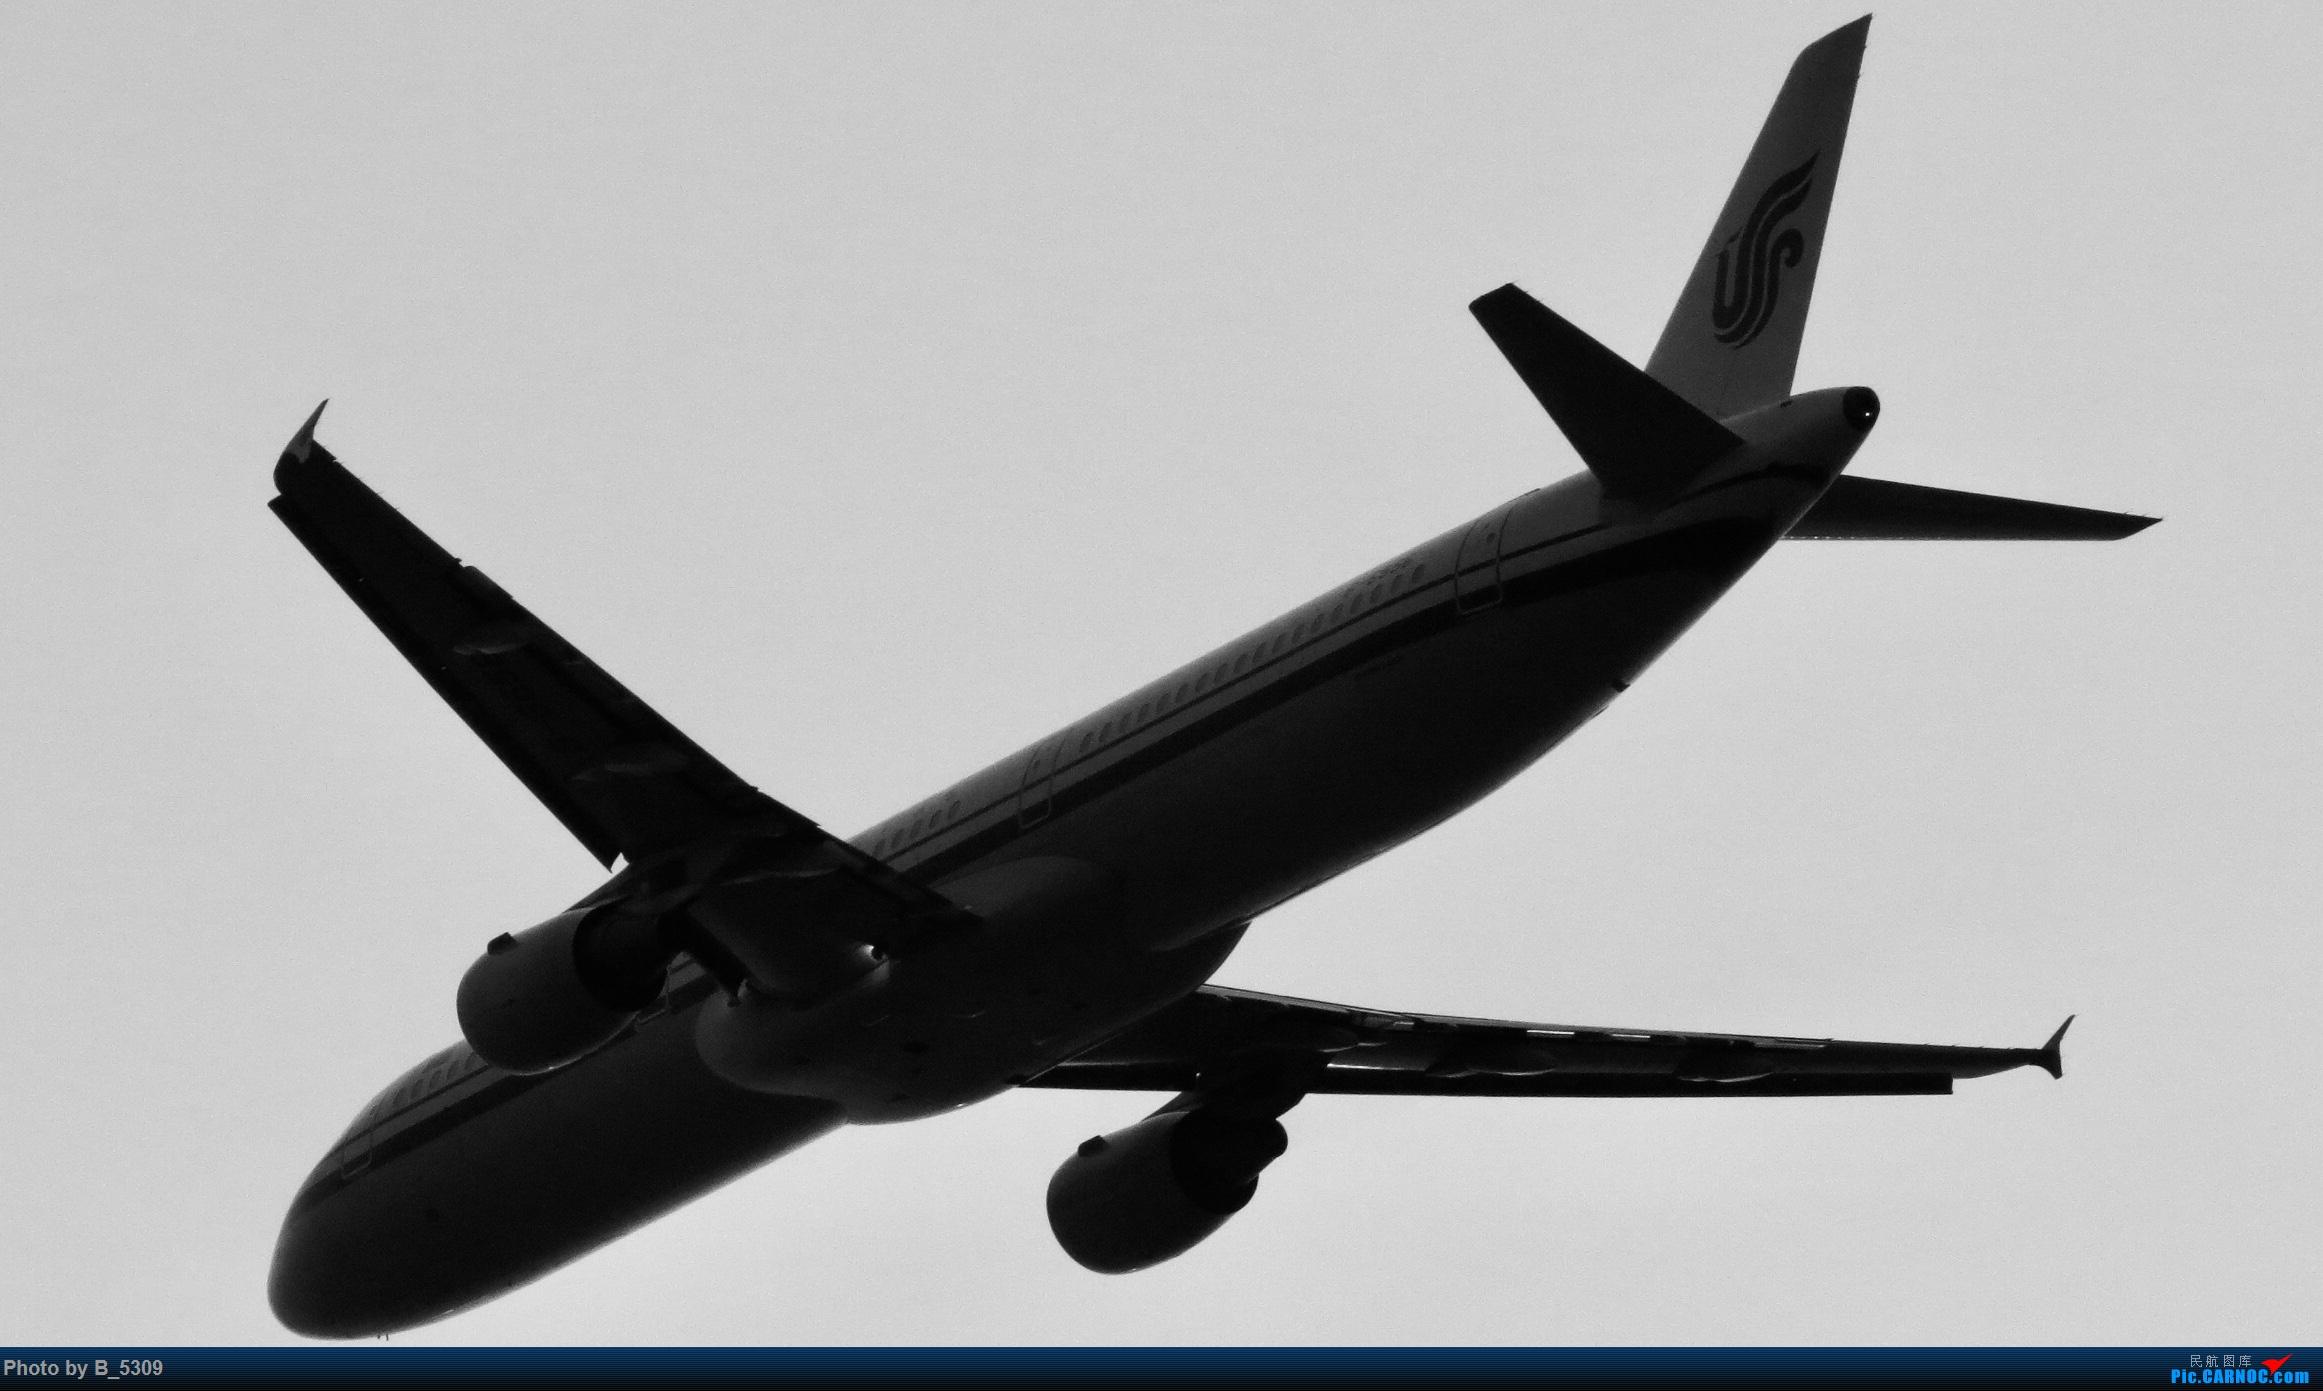 Re:[原创]当年那些令人无比后怕的照片 AIRBUS A321  中国厦门高崎国际机场